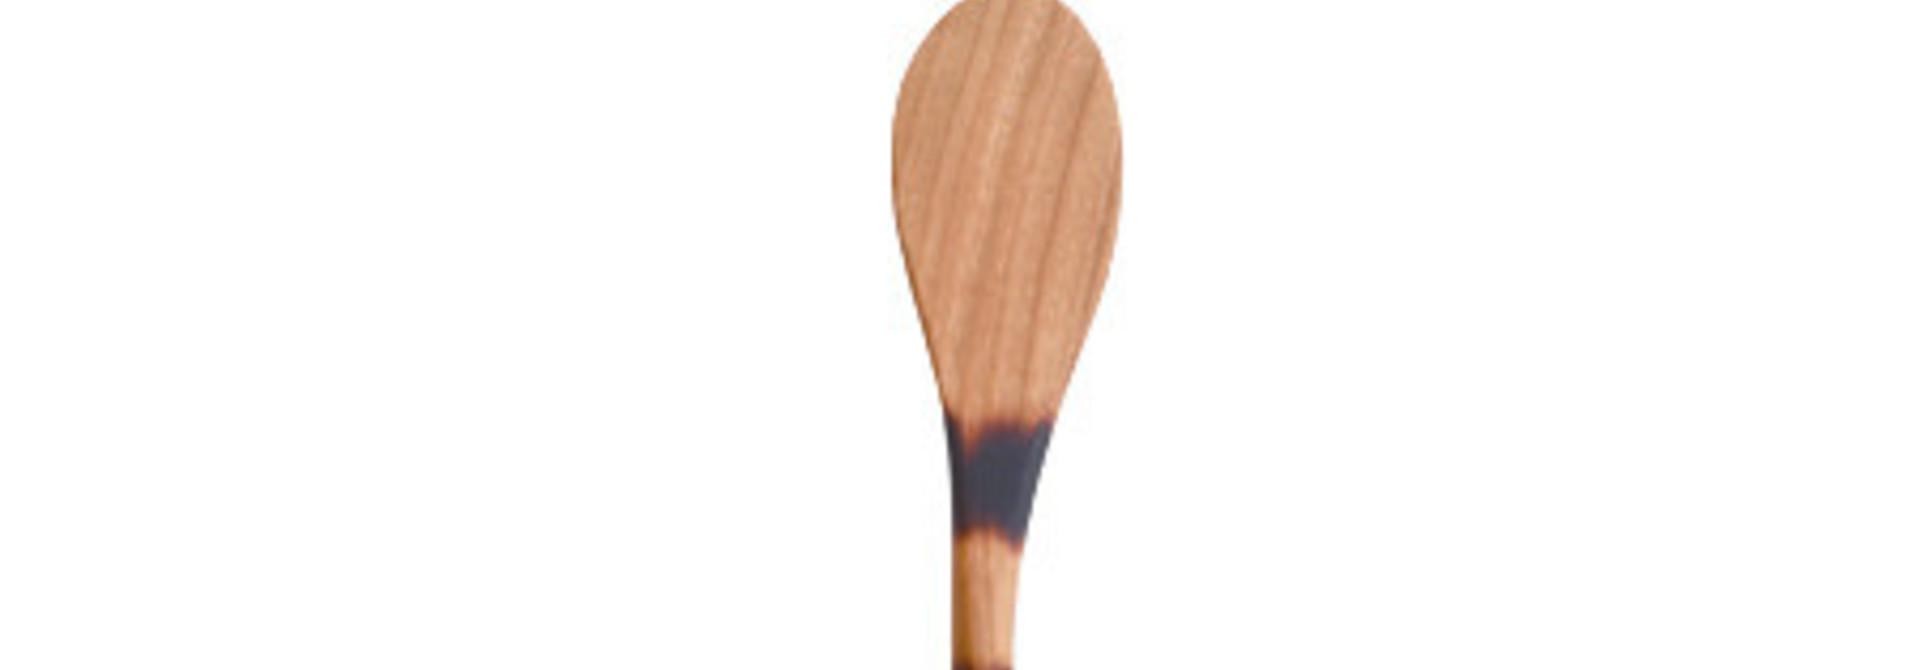 Kitten Tail Spoon